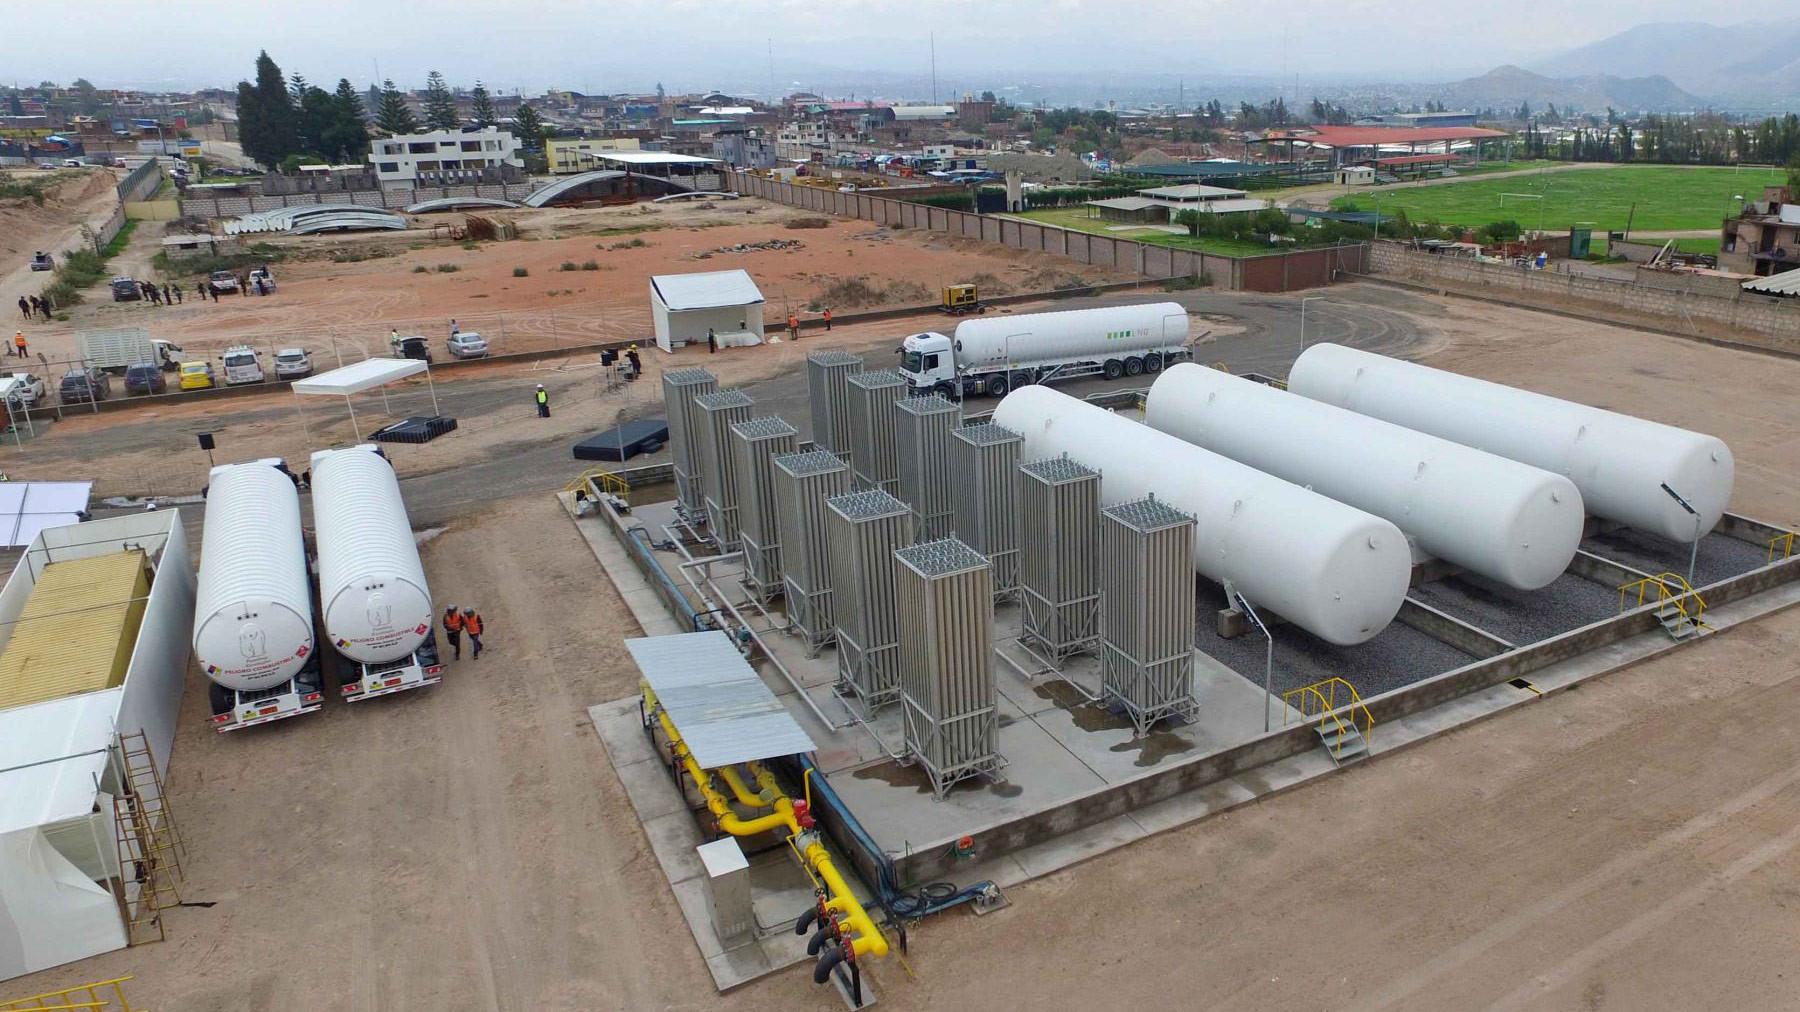 Distribuidoras de gas natural comienzan a recuperarse tras el shock del Covid-19